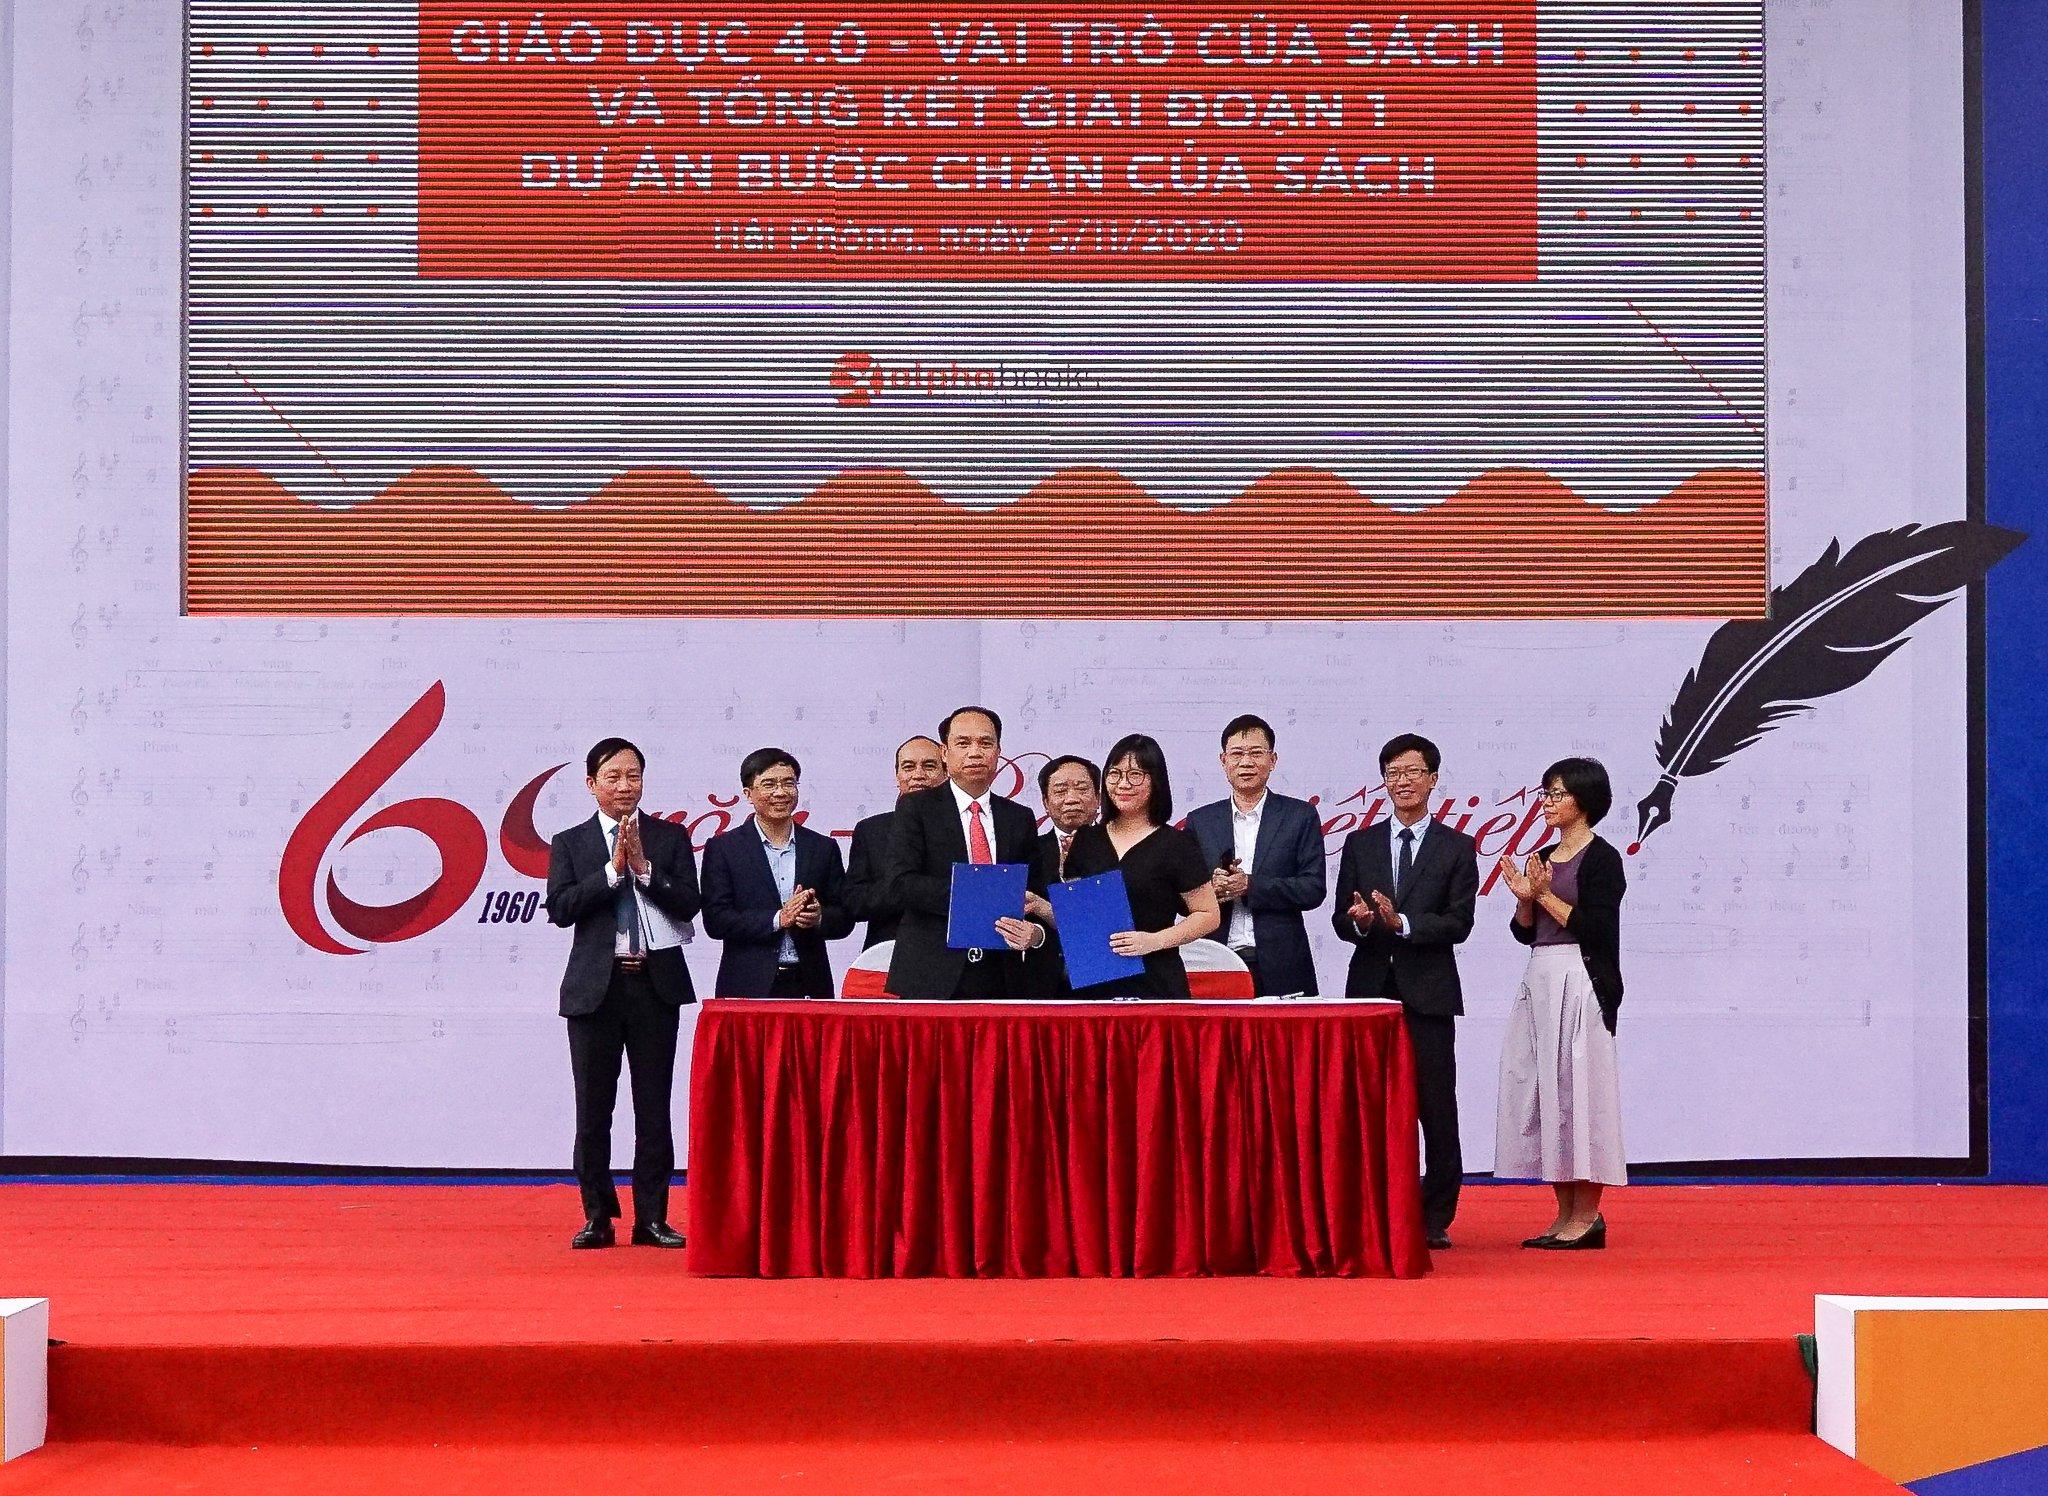 Hội nghị ký kết biên bản hợp tác giữa Sở GD&ĐT Hải Phòng và VTV7 Đài truyền hình Việt Nam